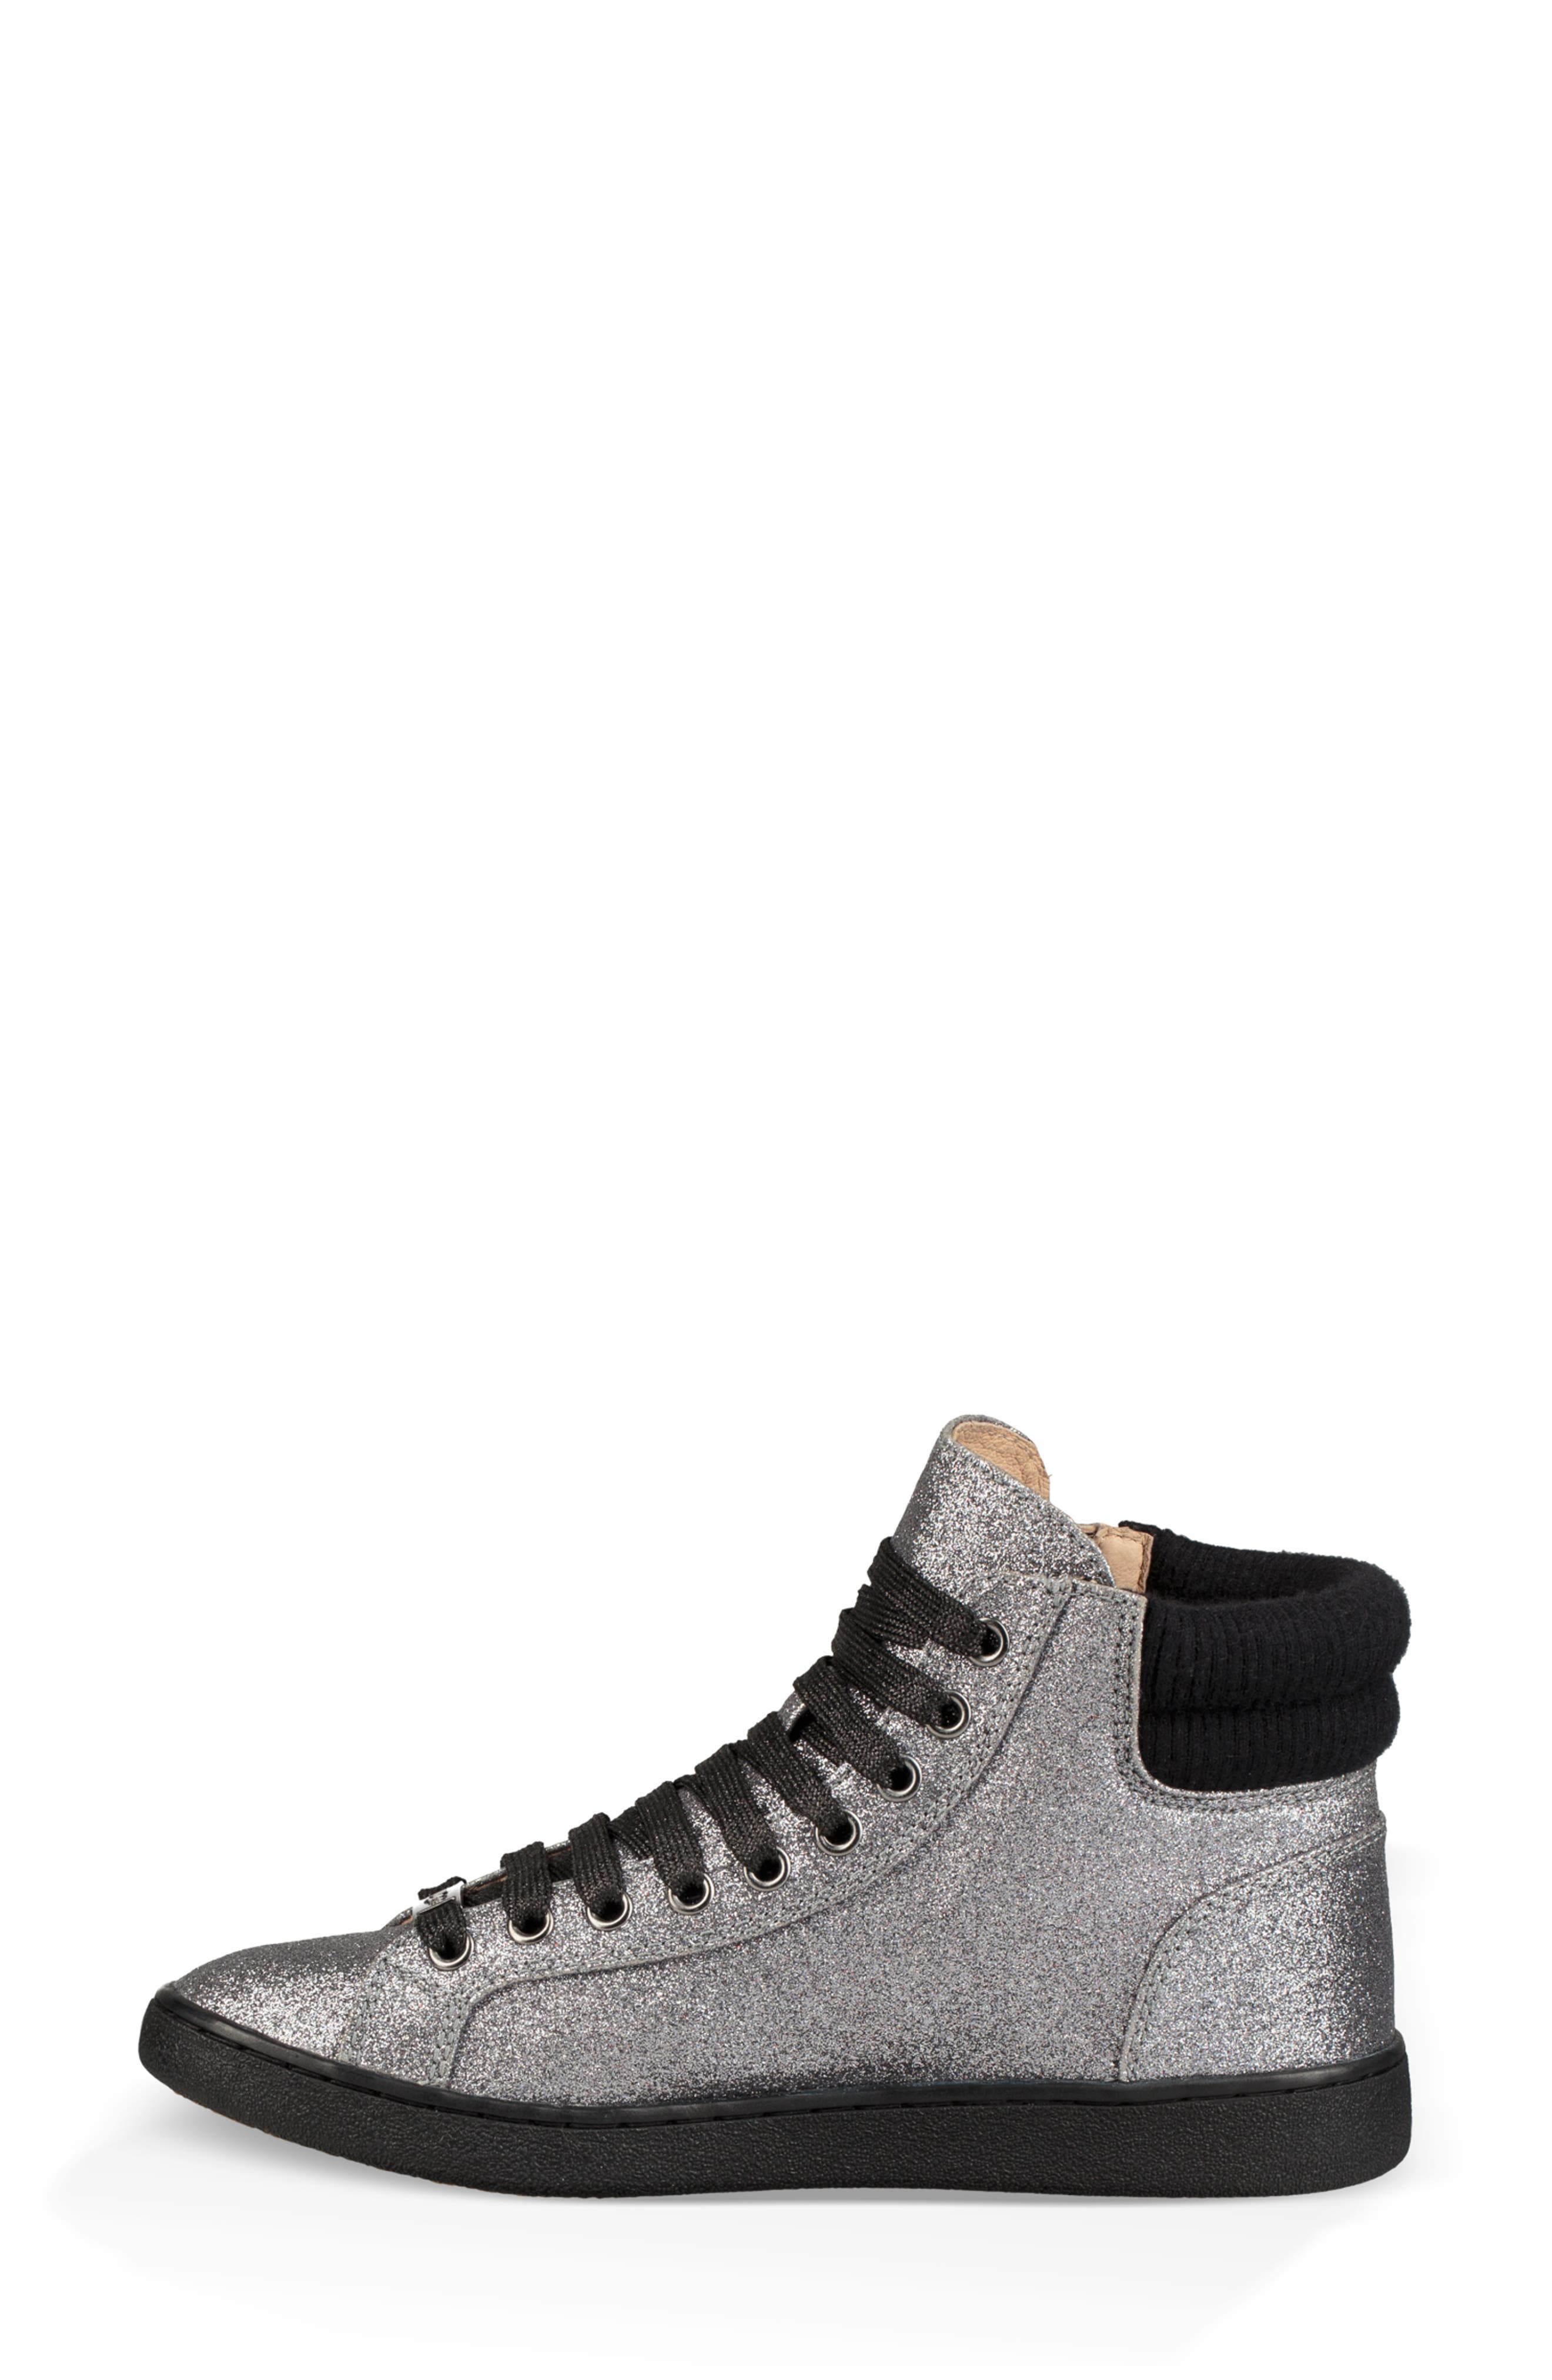 Olive Glitter Sneaker,                             Alternate thumbnail 6, color,                             GUNMETAL FABRIC